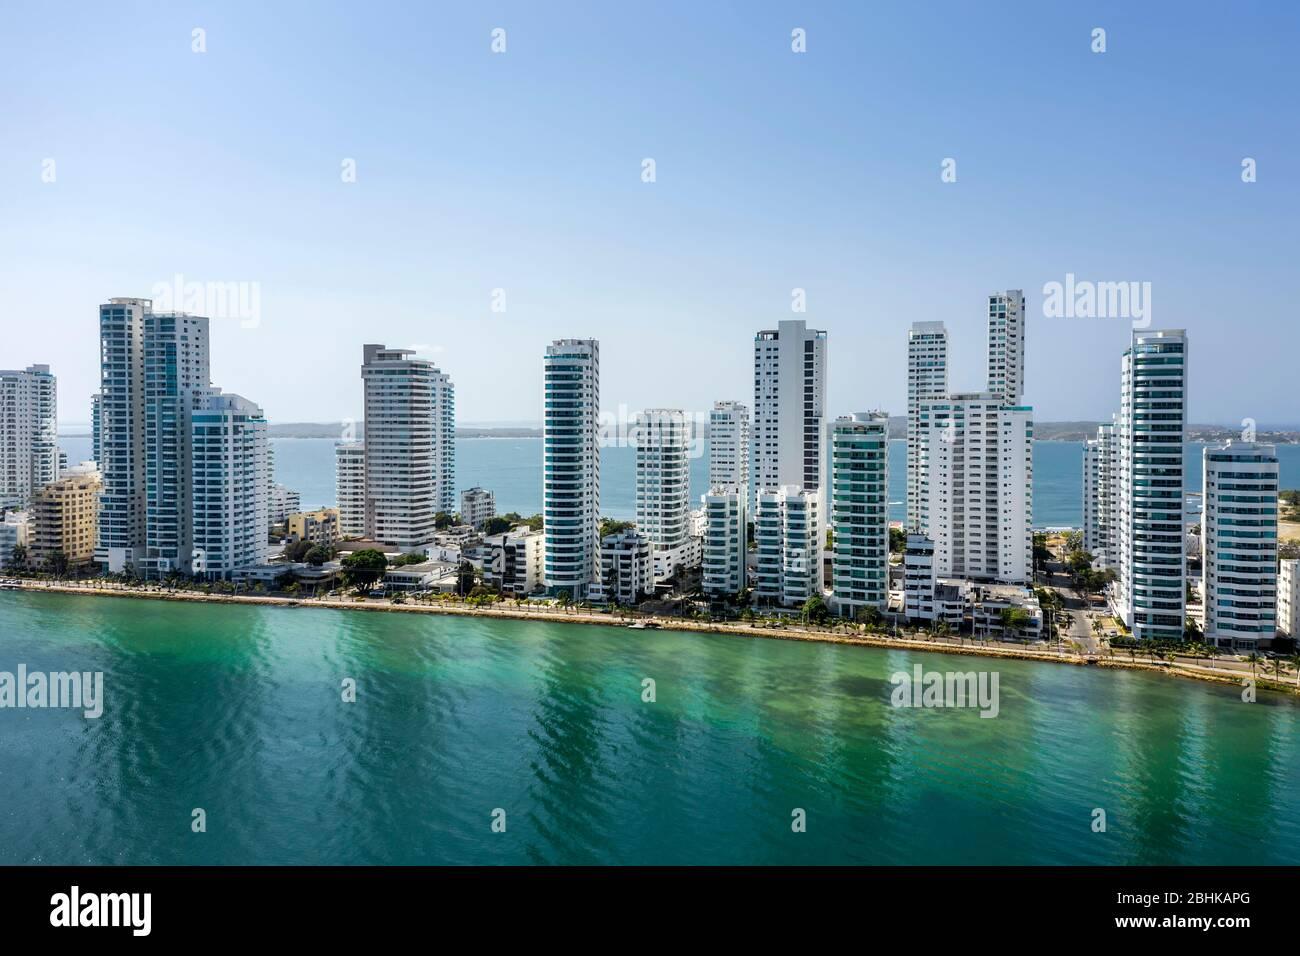 Vista aérea de los hoteles y altos edificios de apartamentos cerca de la costa caribeña. Horizonte moderno de la ciudad. Foto de stock